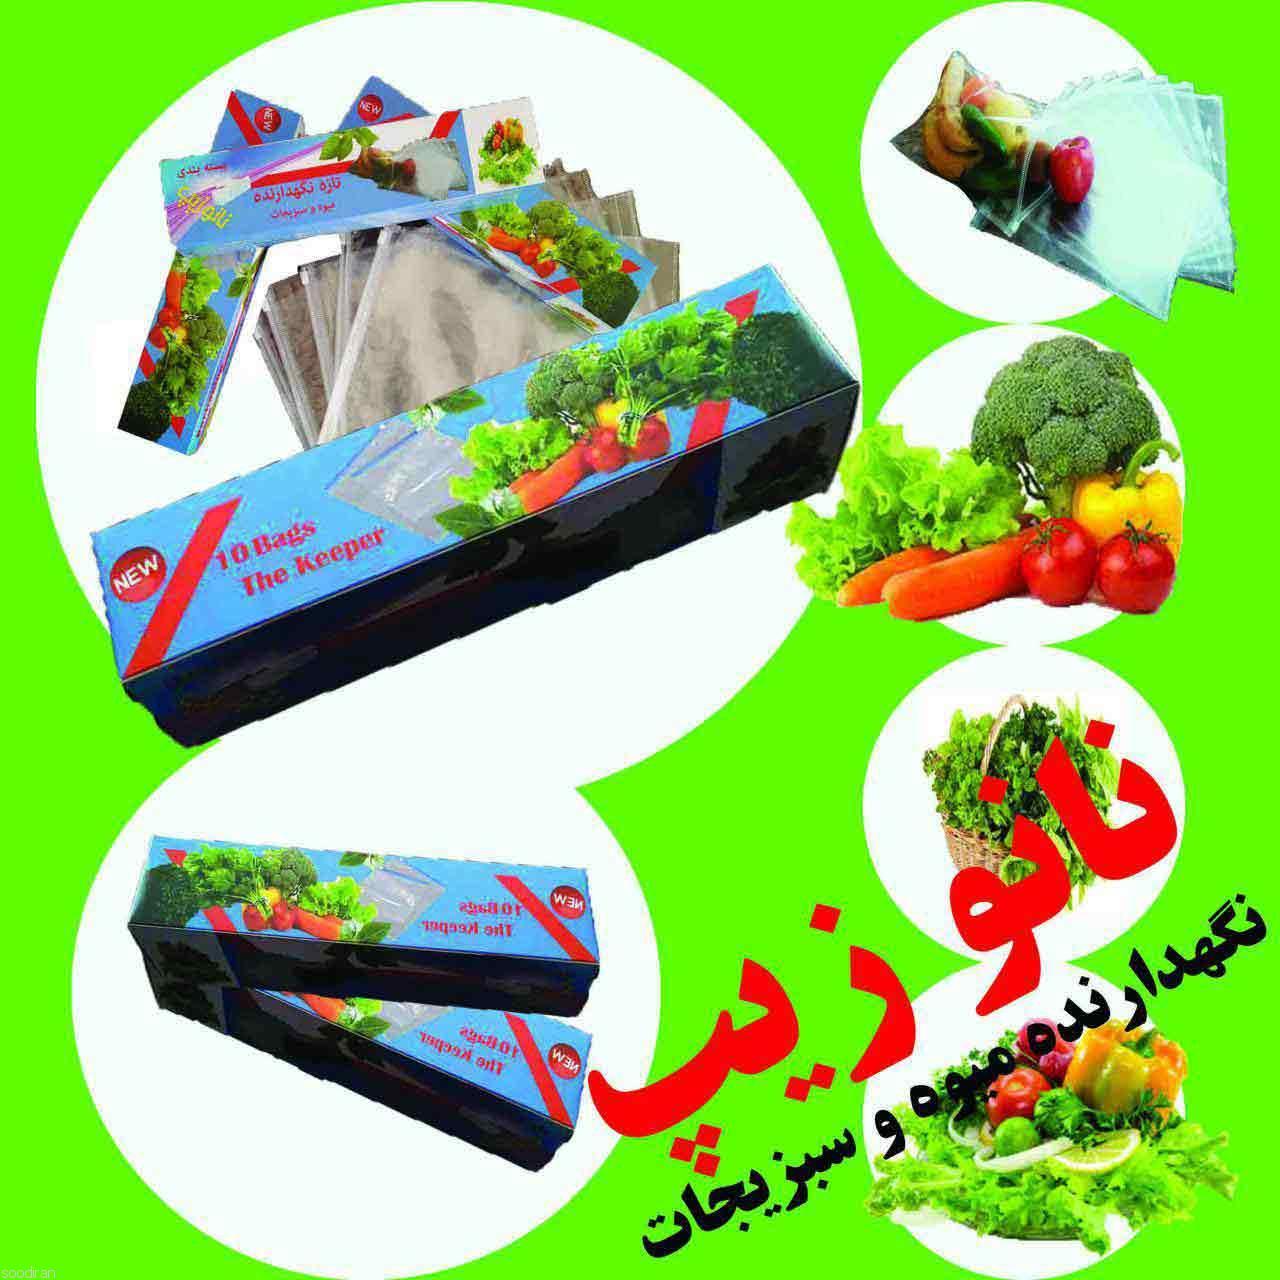 پاکت های تازه نگهدارنده میوه و سبزیجات-pic1